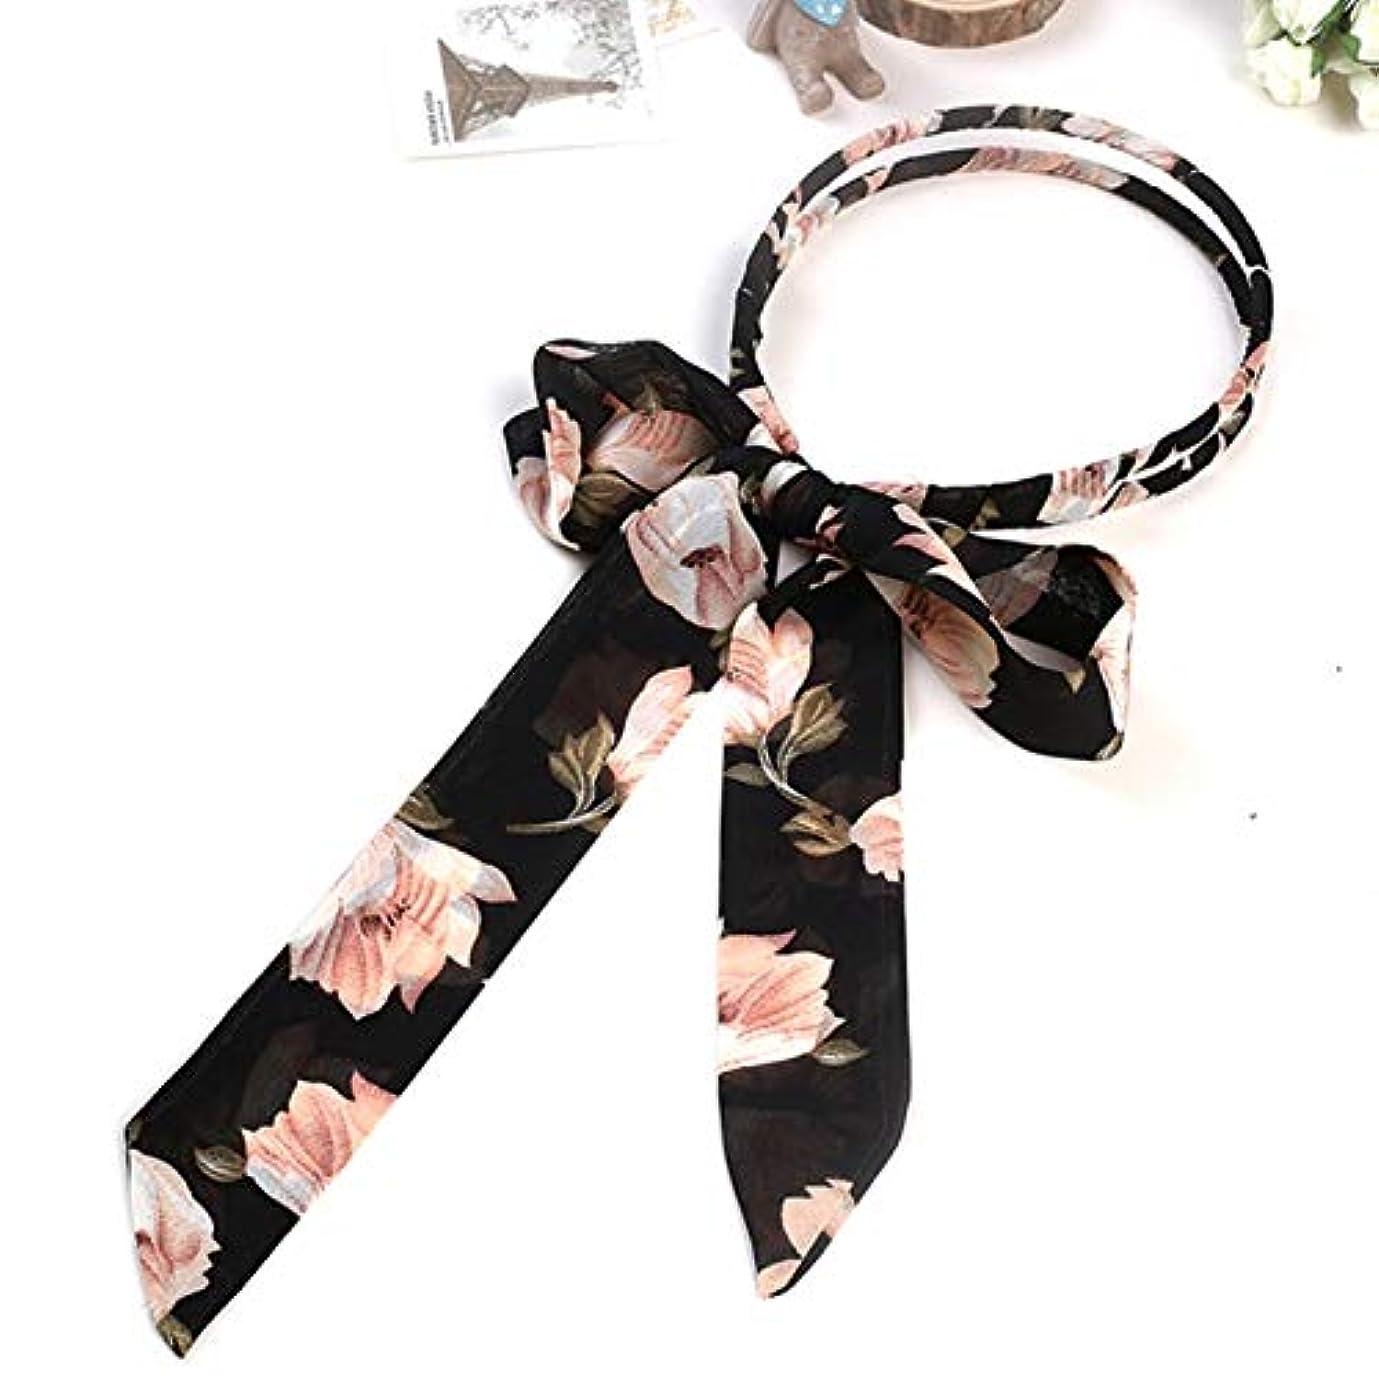 調整消えるアレンジサリーの店 便利なデザイン韓国女性スウィート女の子ボウヘアヘッドバンド編み花弓の結び目リボン毛フープ(None 5)